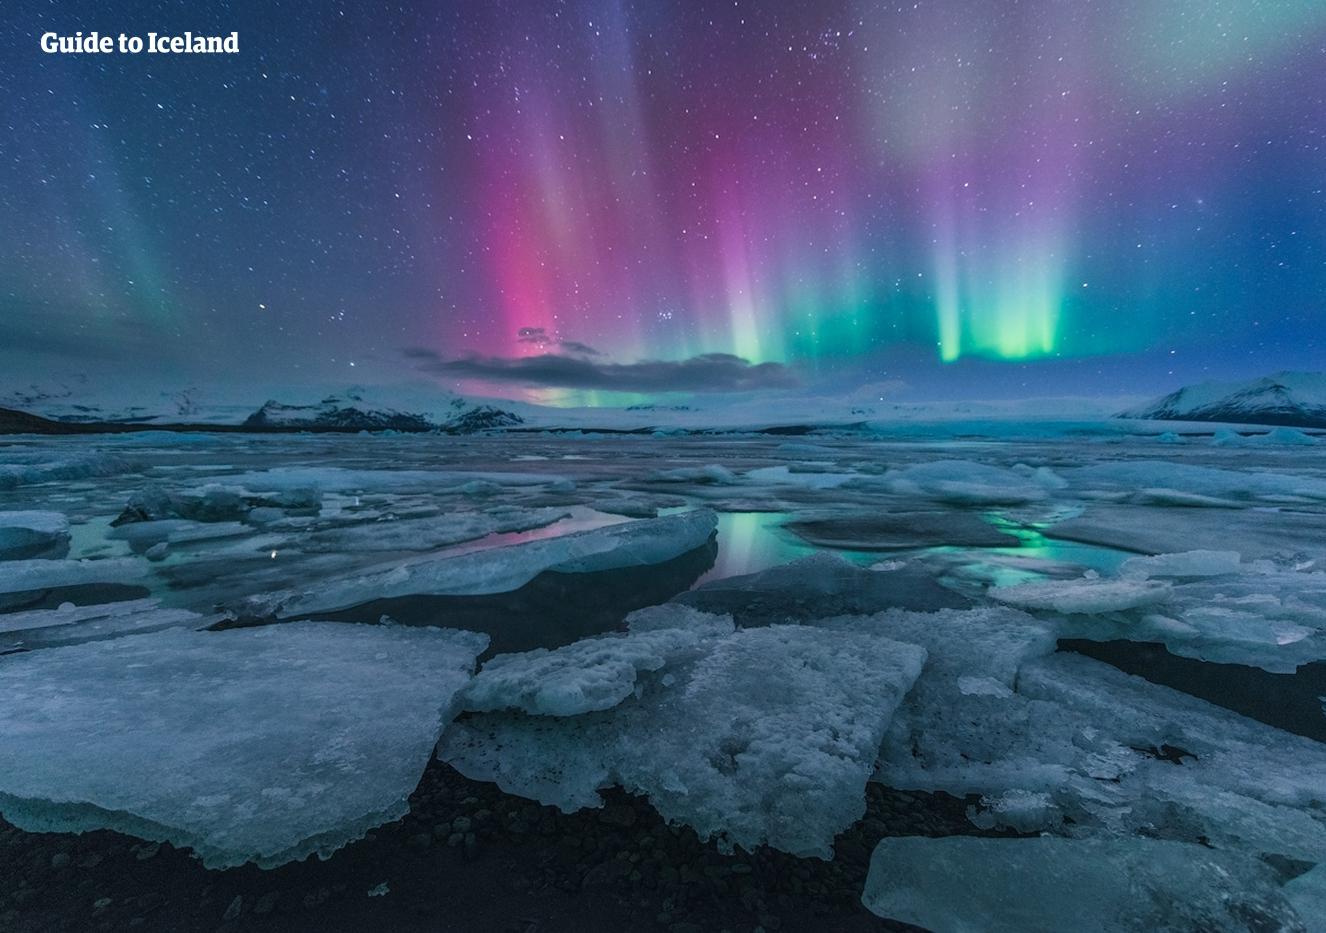 Blå norrsken dansar med lila nyanser över issjön Jökulsárlón på södra Island på vintern.